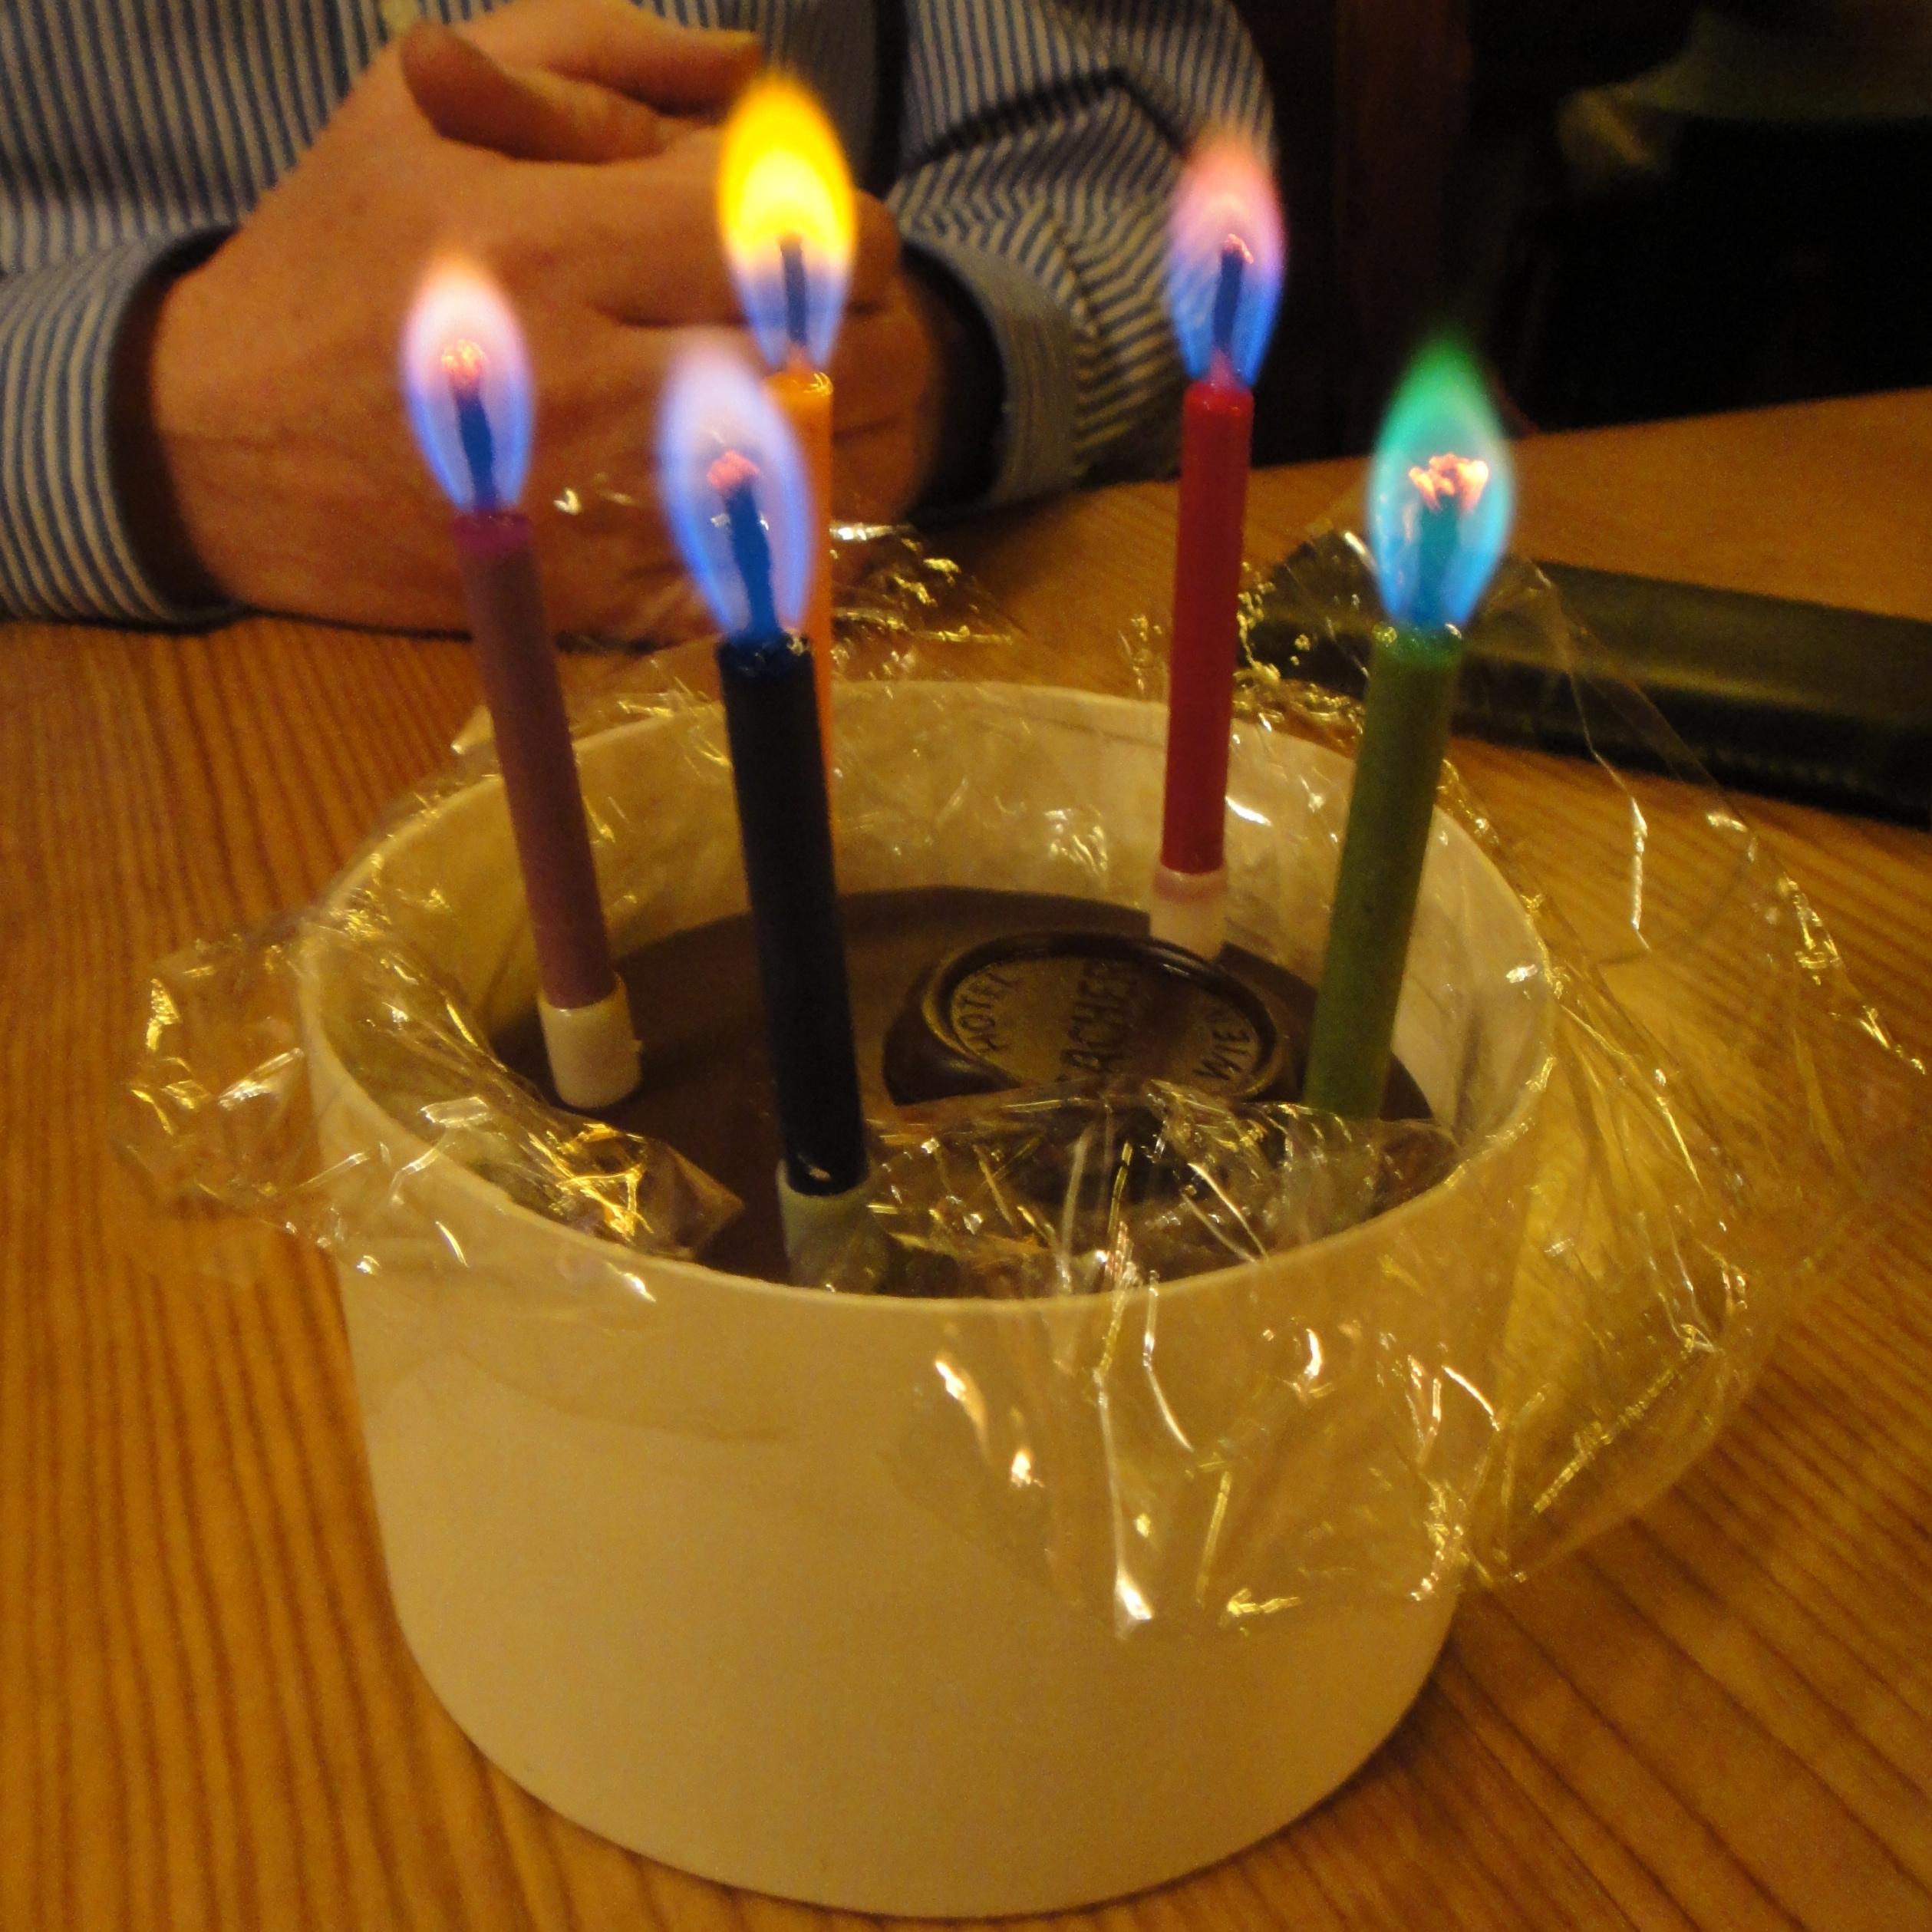 Geburtstagkuchen - Sacher Torte - birthday cake